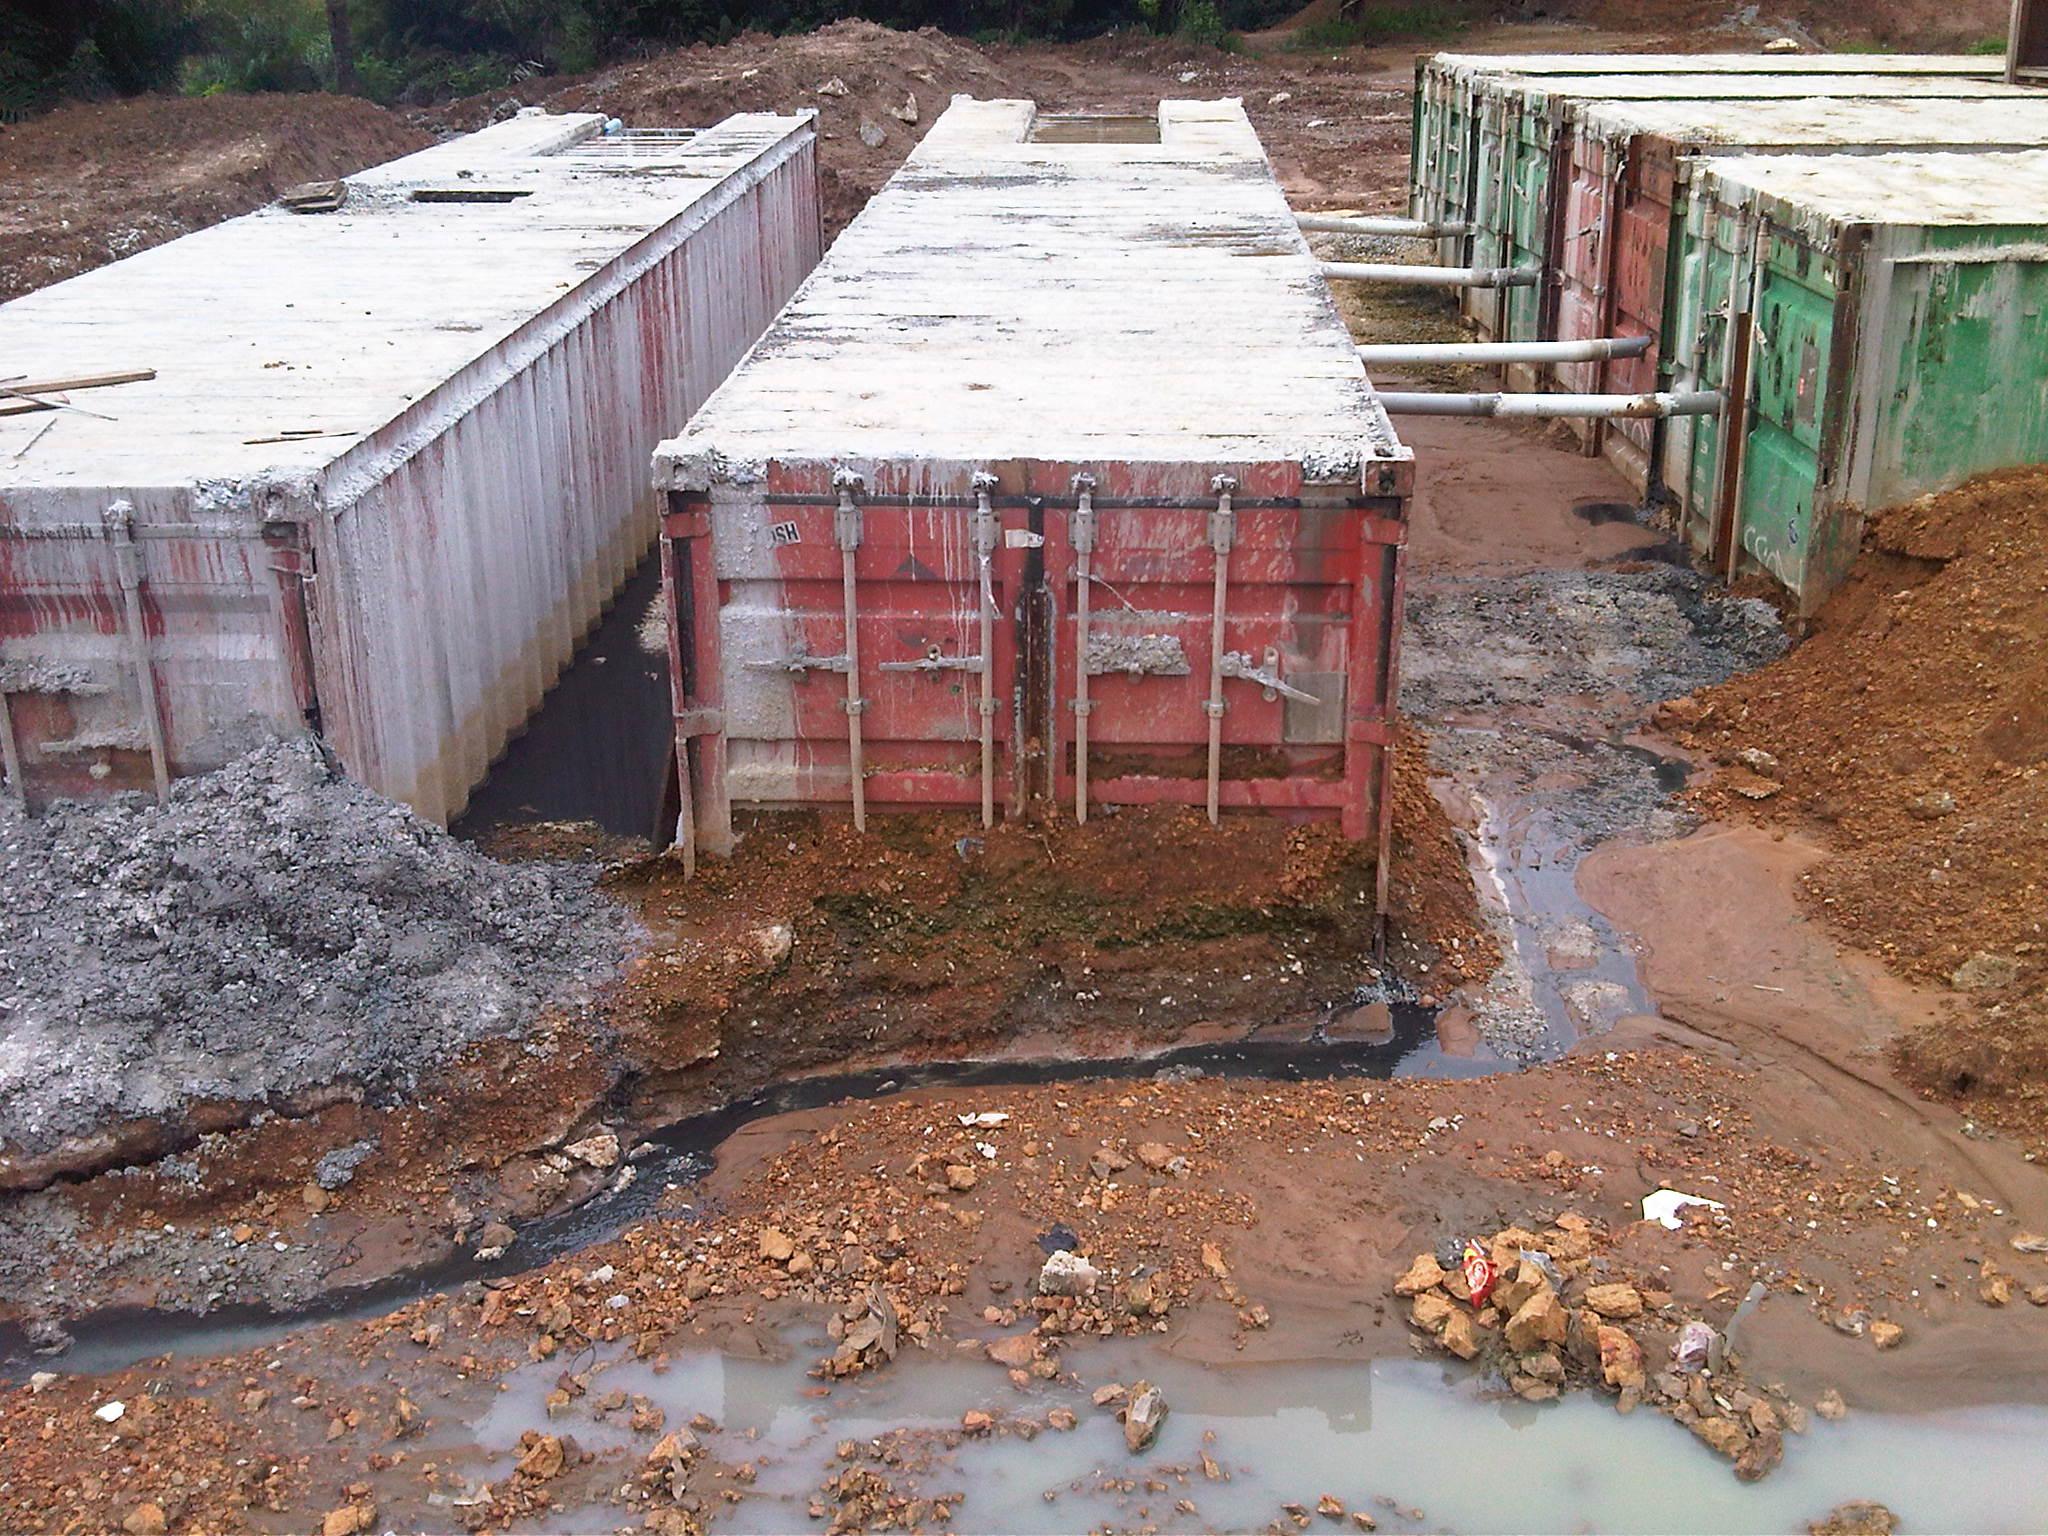 Failure of a 'home made' sewage treatment facility